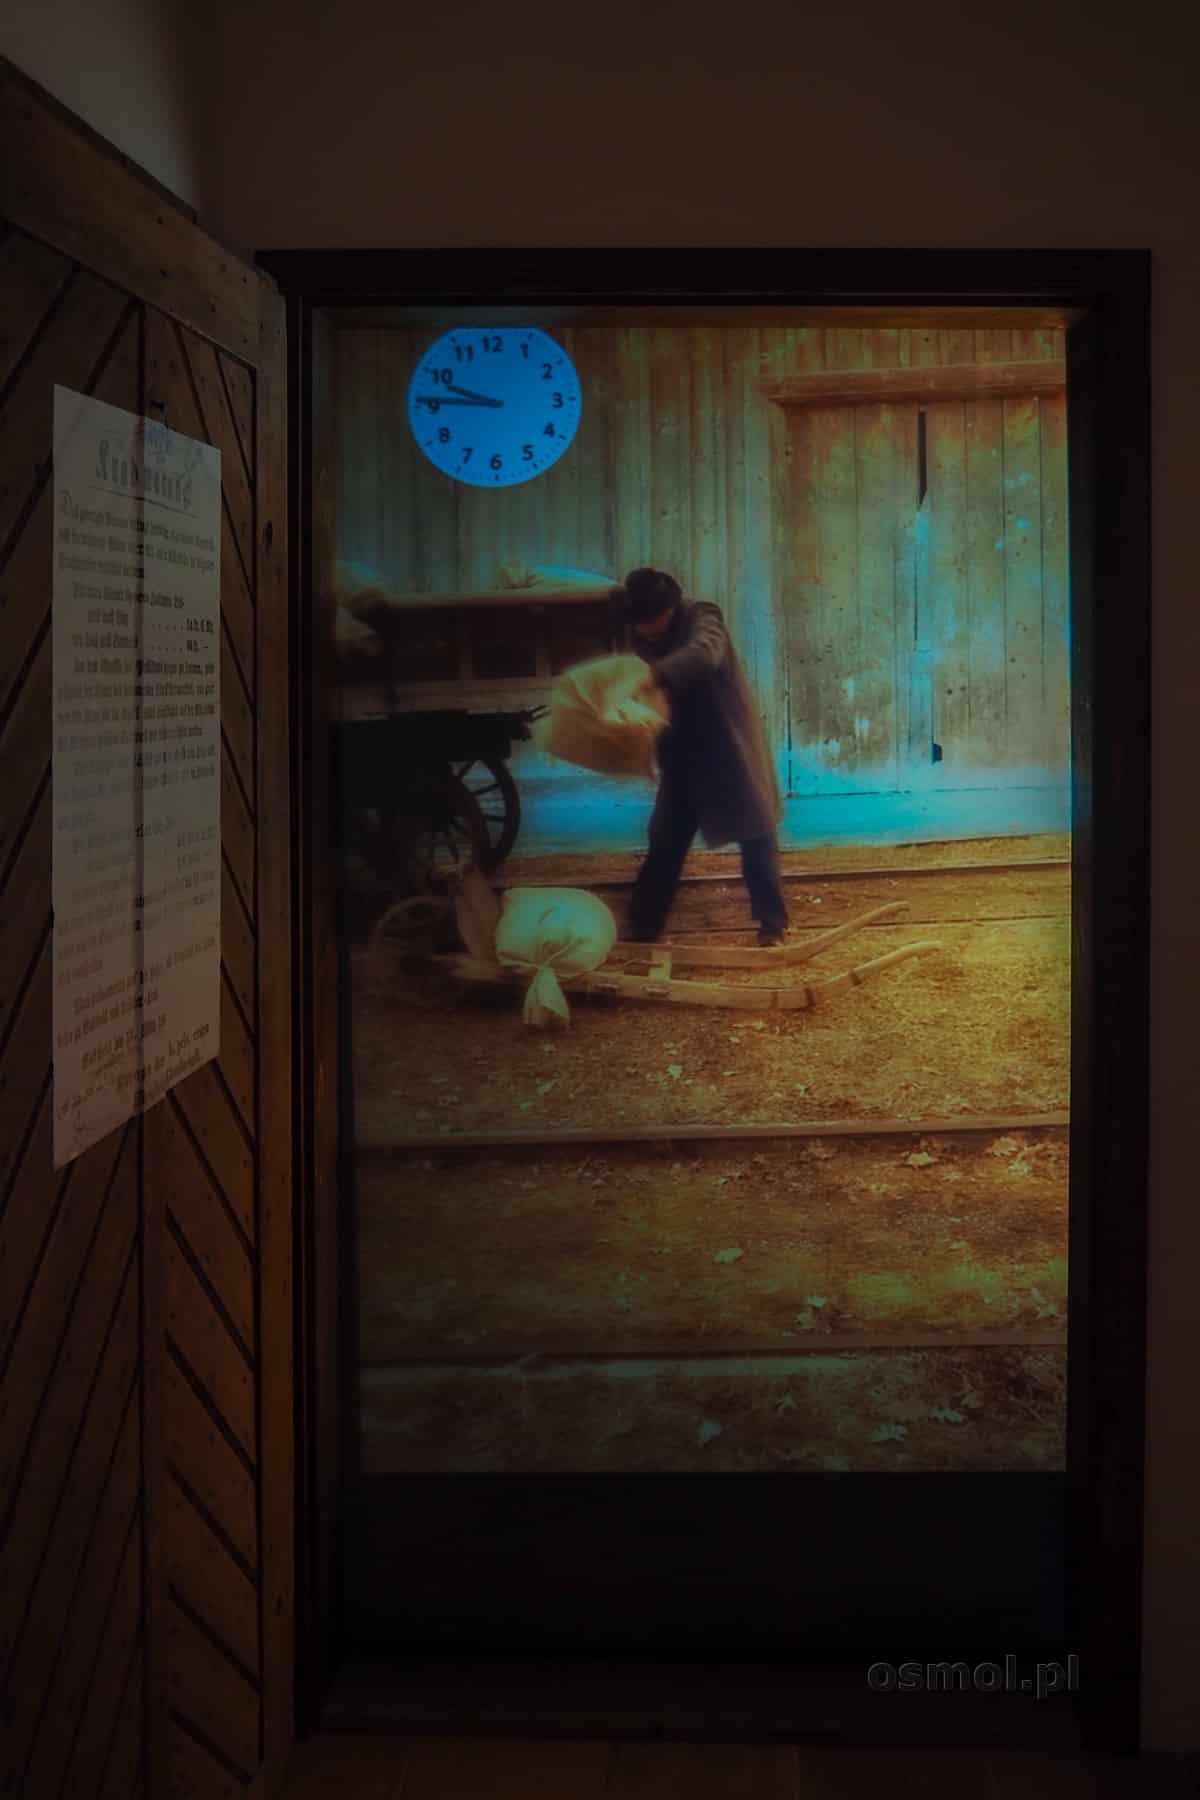 Multimedialna prezentacja pokazująca dzień z życia strażnika opiekującego się odcinkiem torów